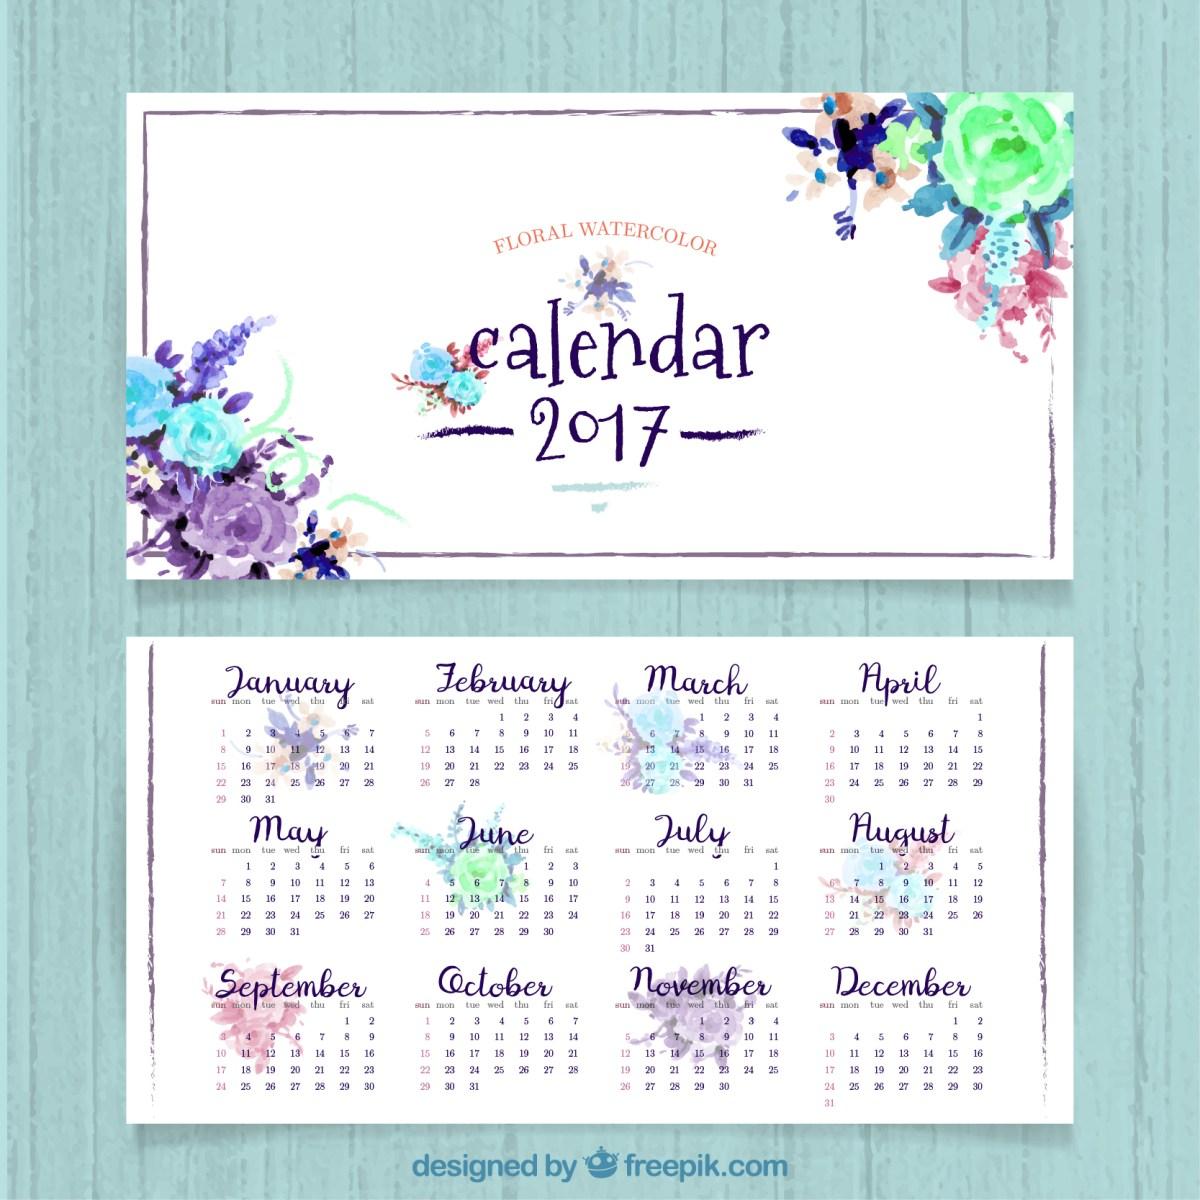 Descarga gratis un calendario 2017 para imprimir